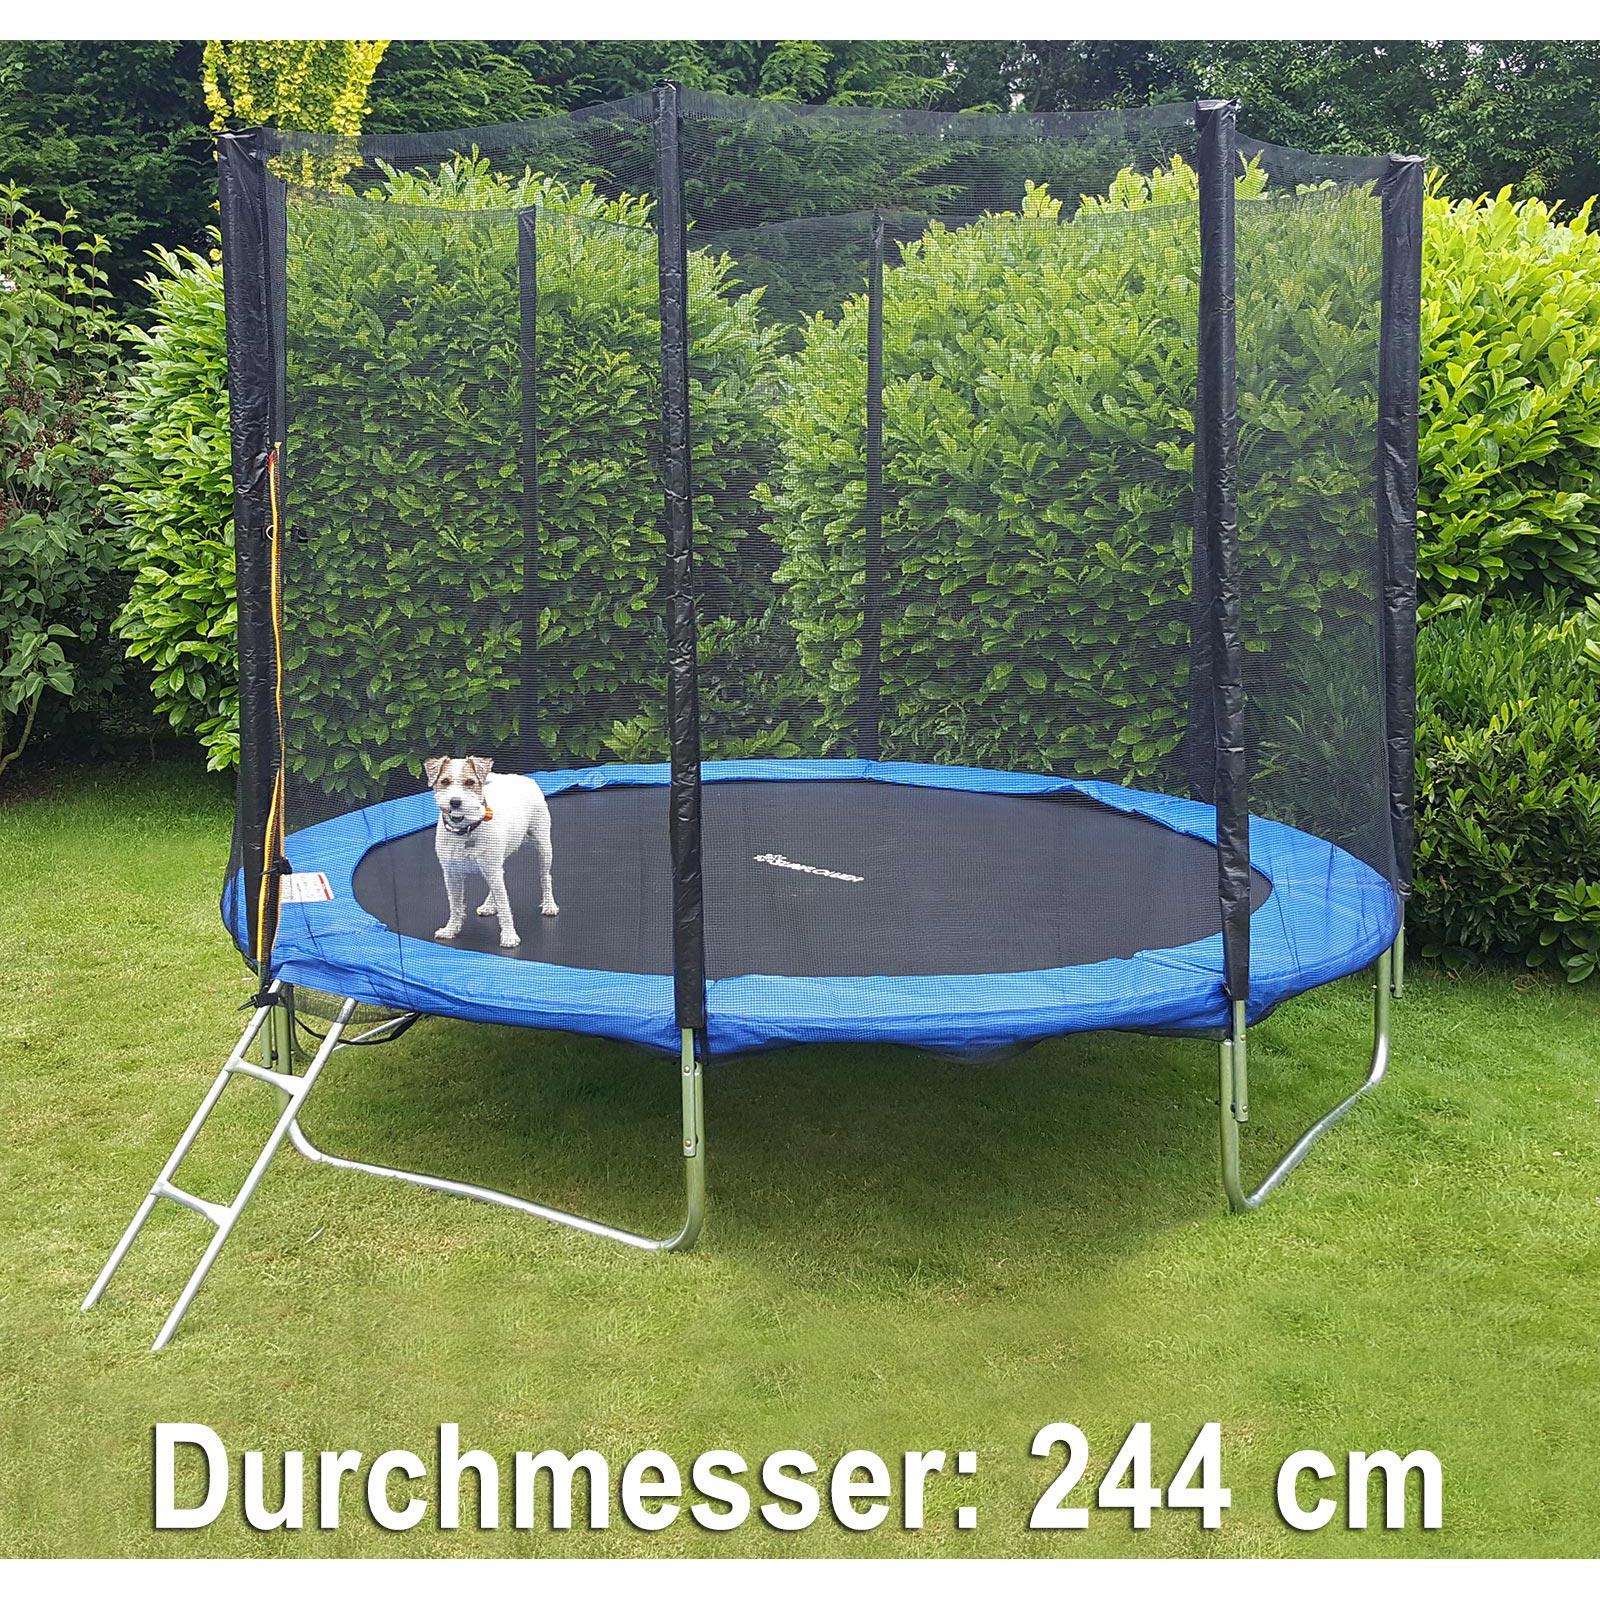 trampolin 244 cm komplett mit leiter und sicherheitsnetz blau kaufen bei carparts online gmbh. Black Bedroom Furniture Sets. Home Design Ideas